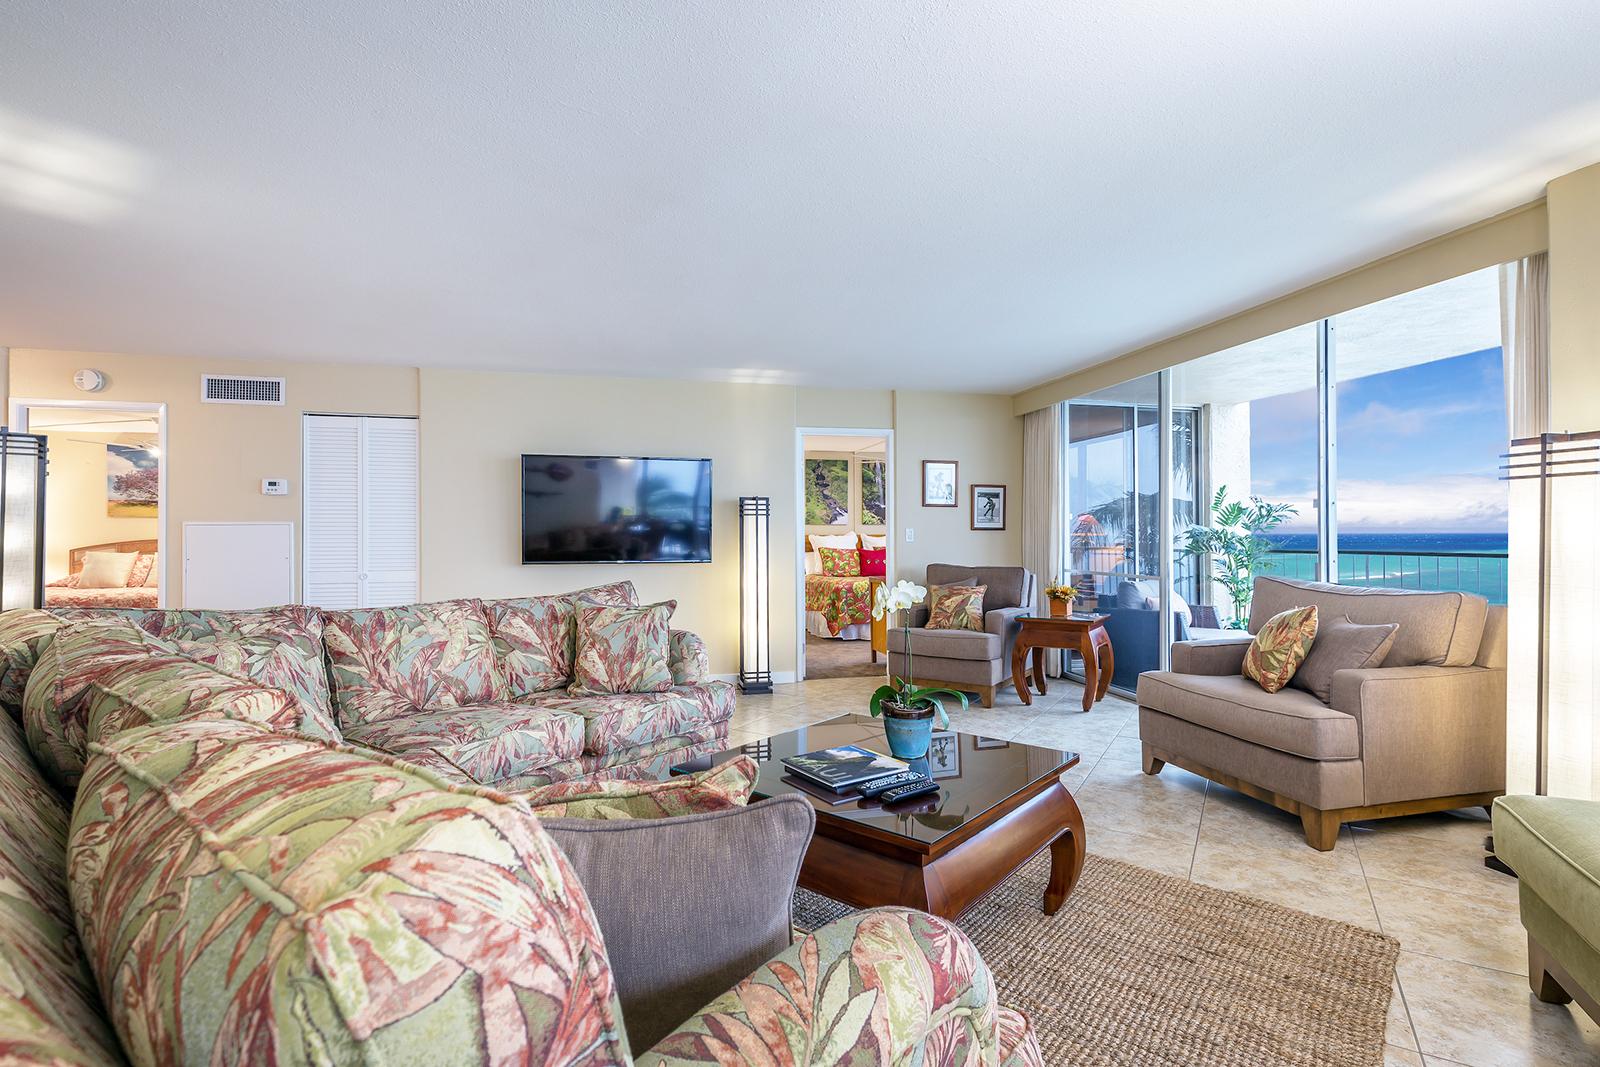 Royal-Kahana-Maui-Beach-Resort-Condos-RK510-2945.jpg